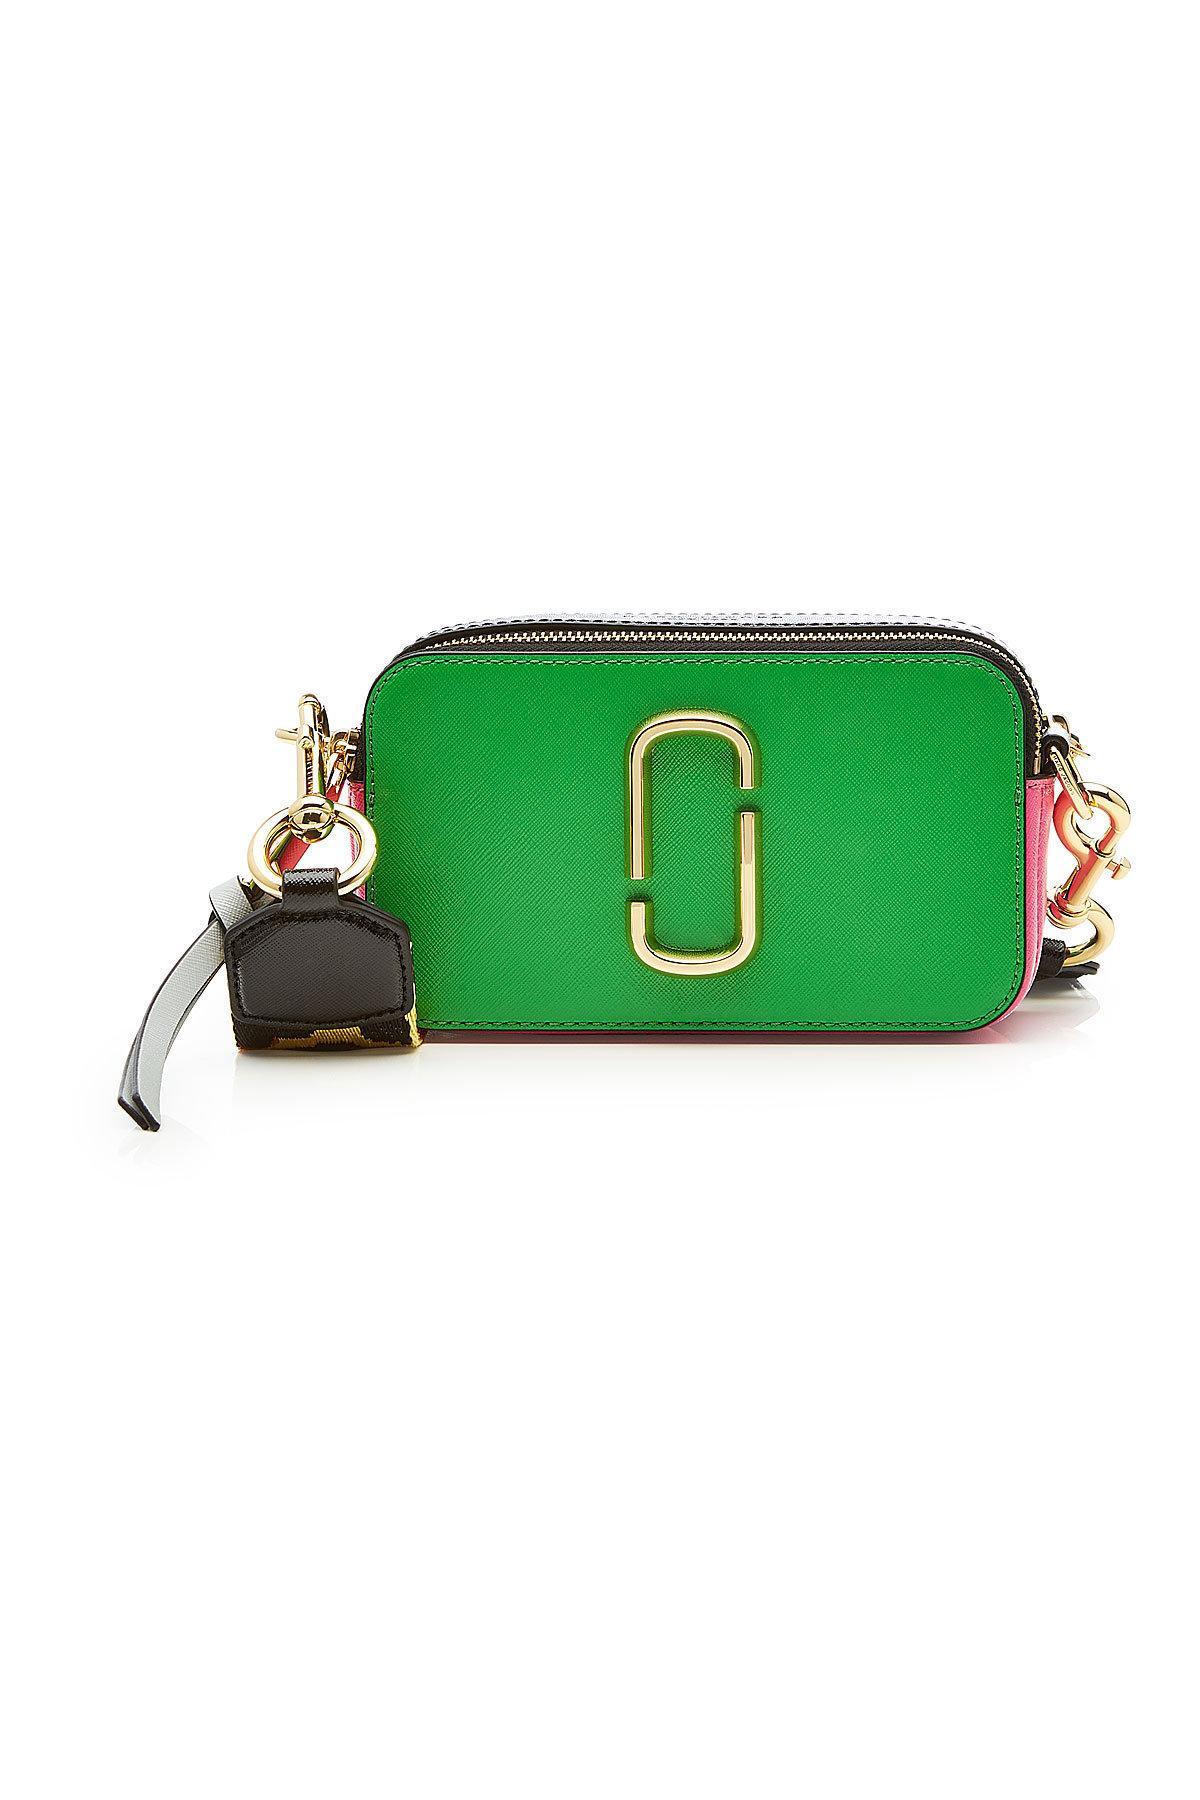 6c2ee29e5d8d Marc Jacobs Snapshot Leather Shoulder Bag In Multicolour